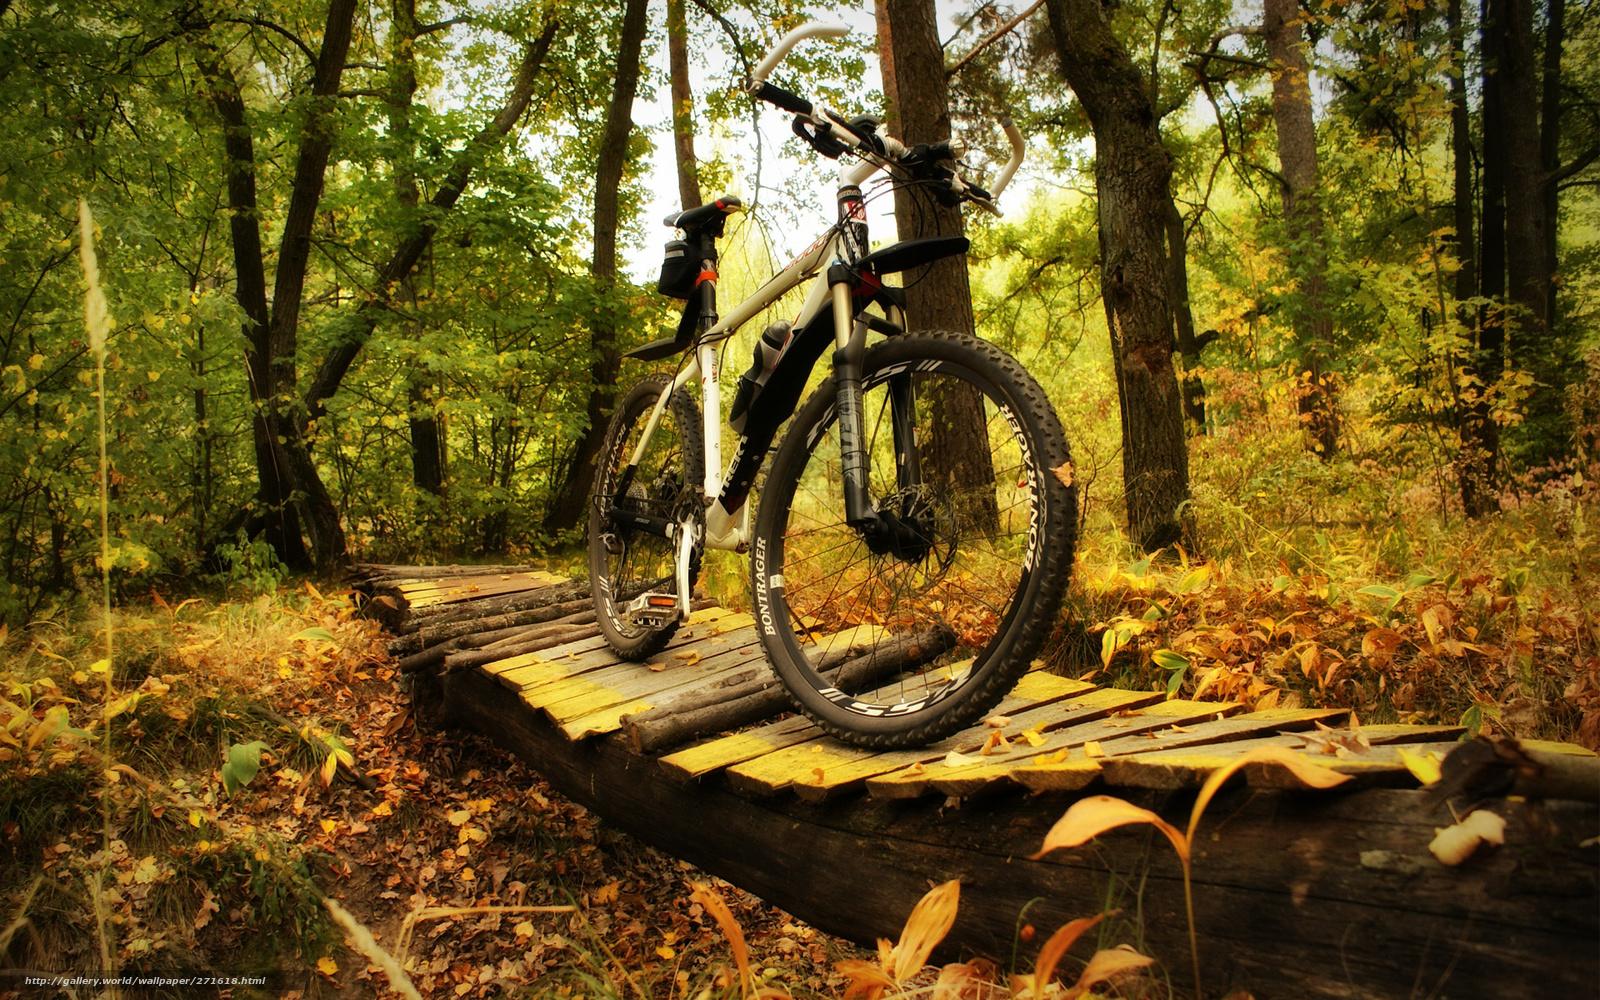 картинки велосипедиста в лесу здесь предлагают